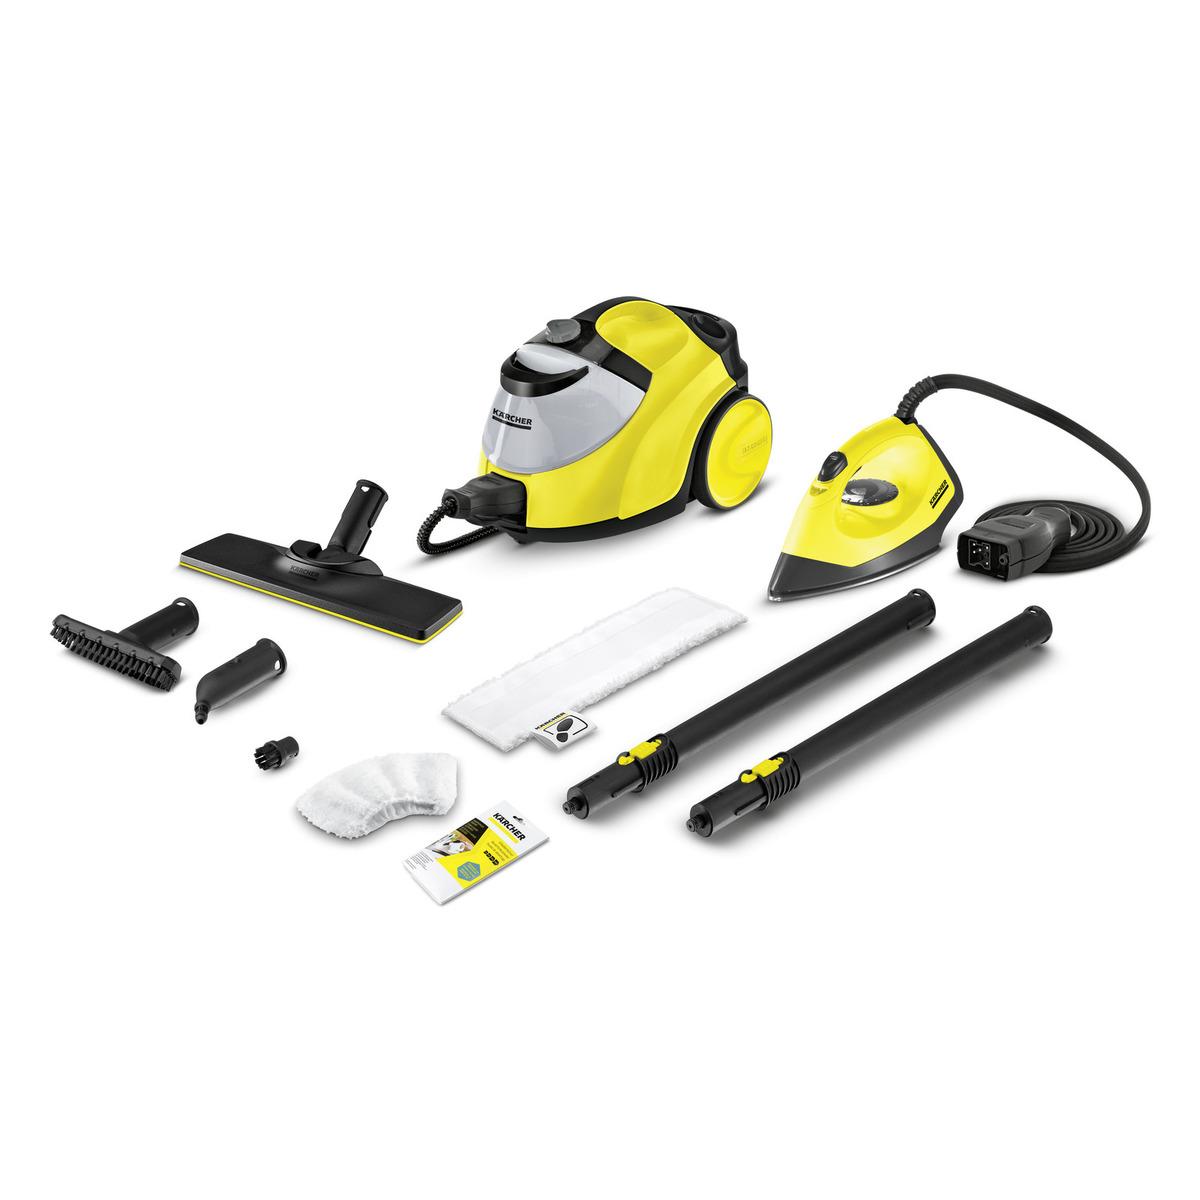 Kärcher Steam Cleaner Sc 5 Easyfix Iron